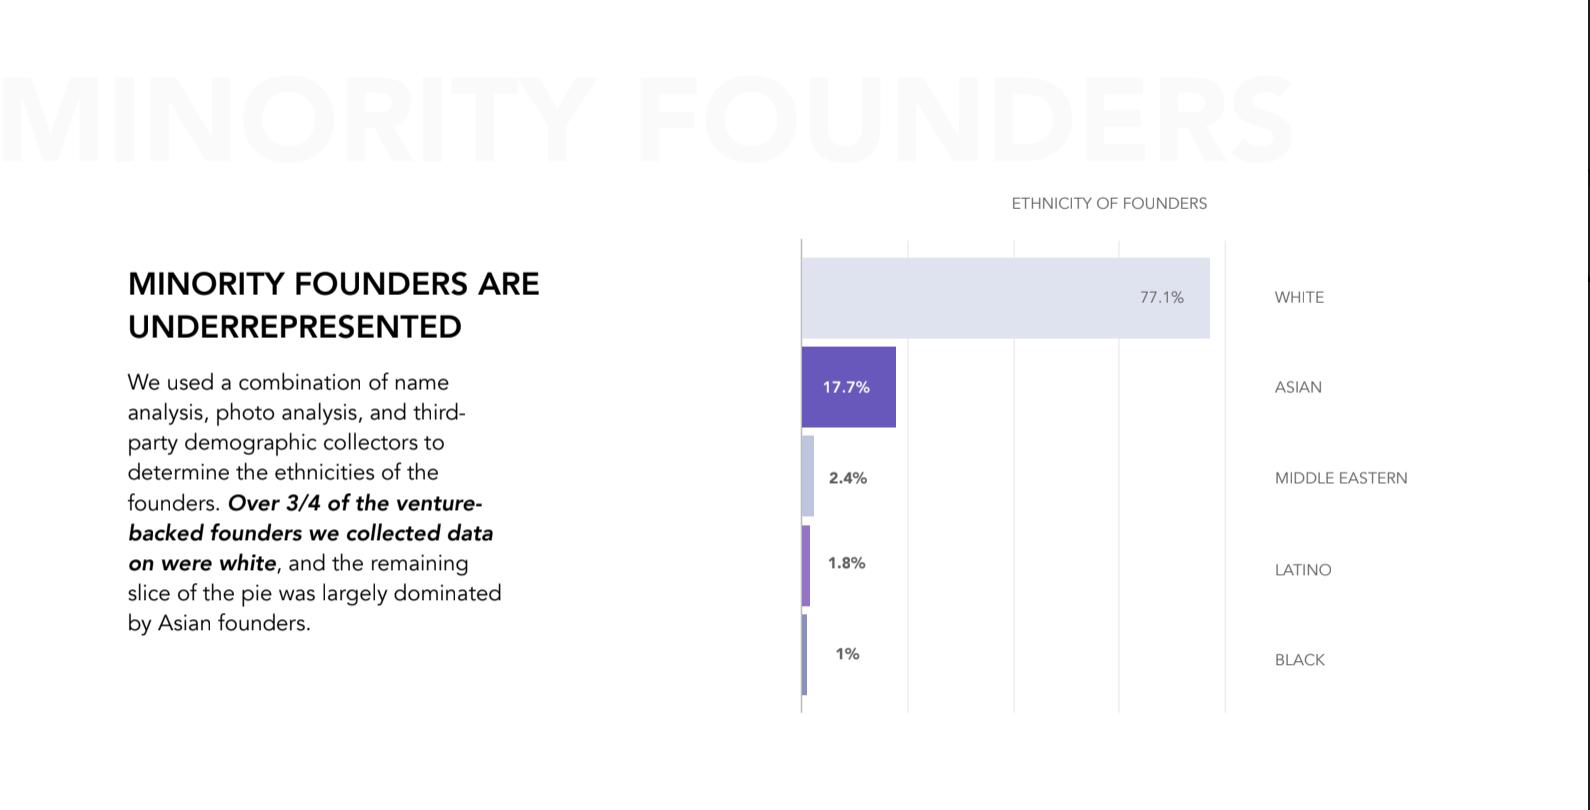 Minority founder data